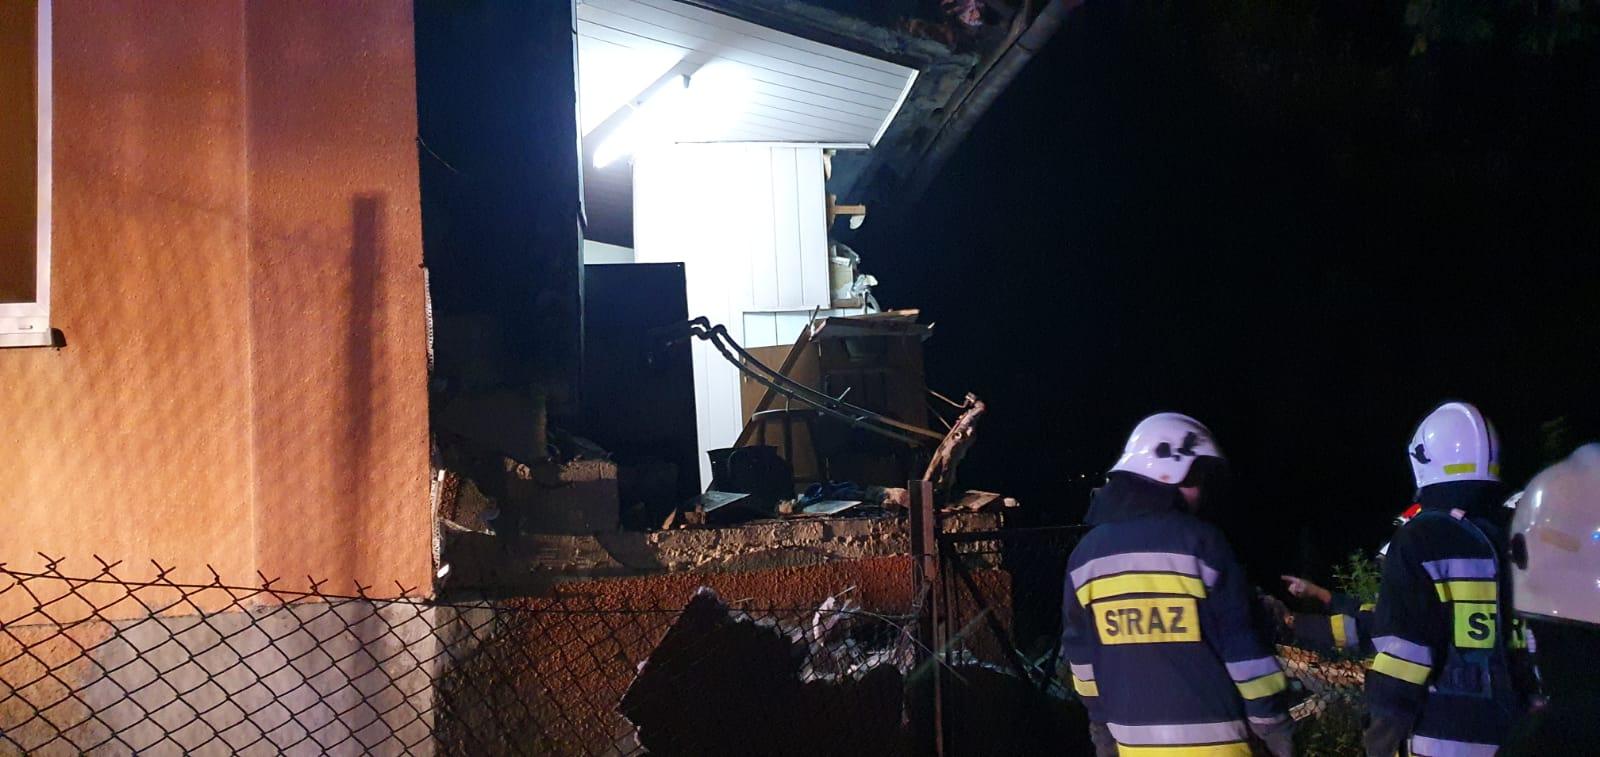 Udana zbiórka dla rodziny poszkodowanej podczas wybuchu butli gazowej